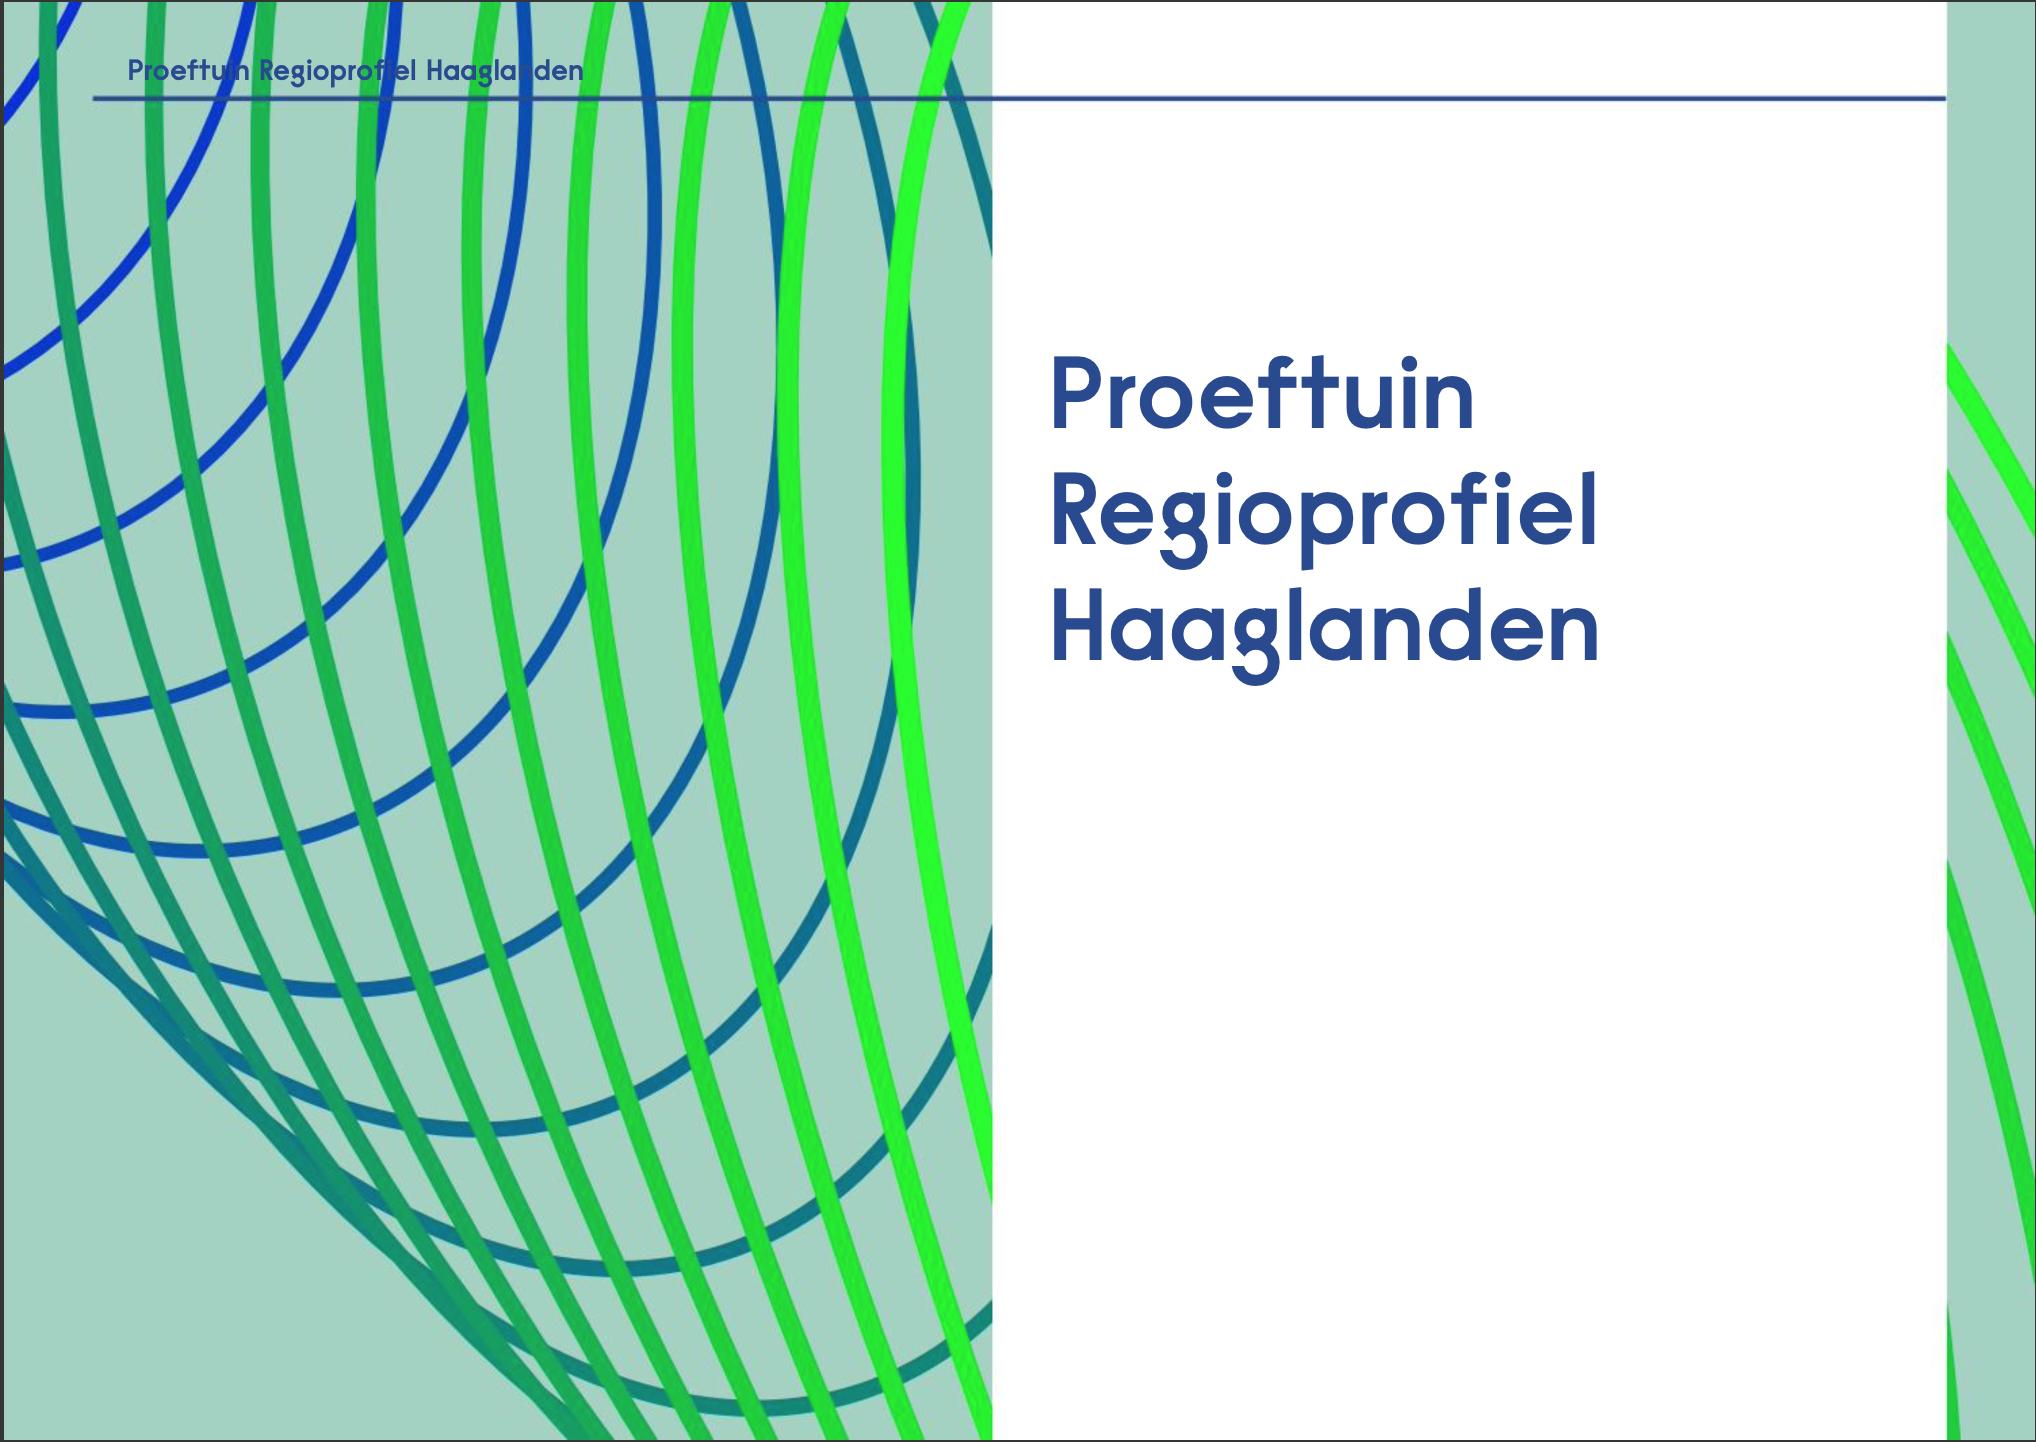 Proeftuin Haaglanden